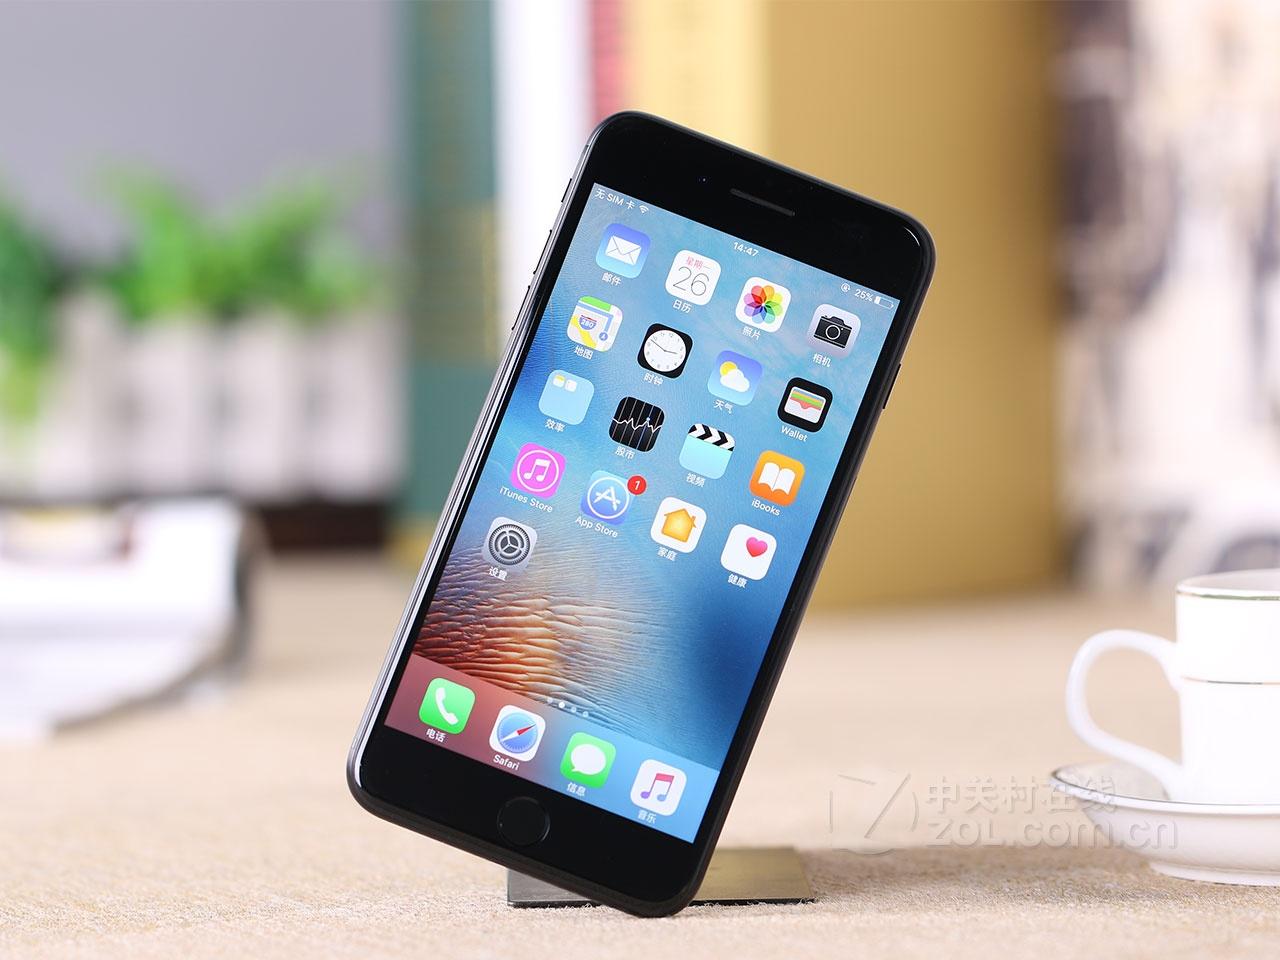 苹果旗舰 苹果iPhone7 Plus 柳州热售中